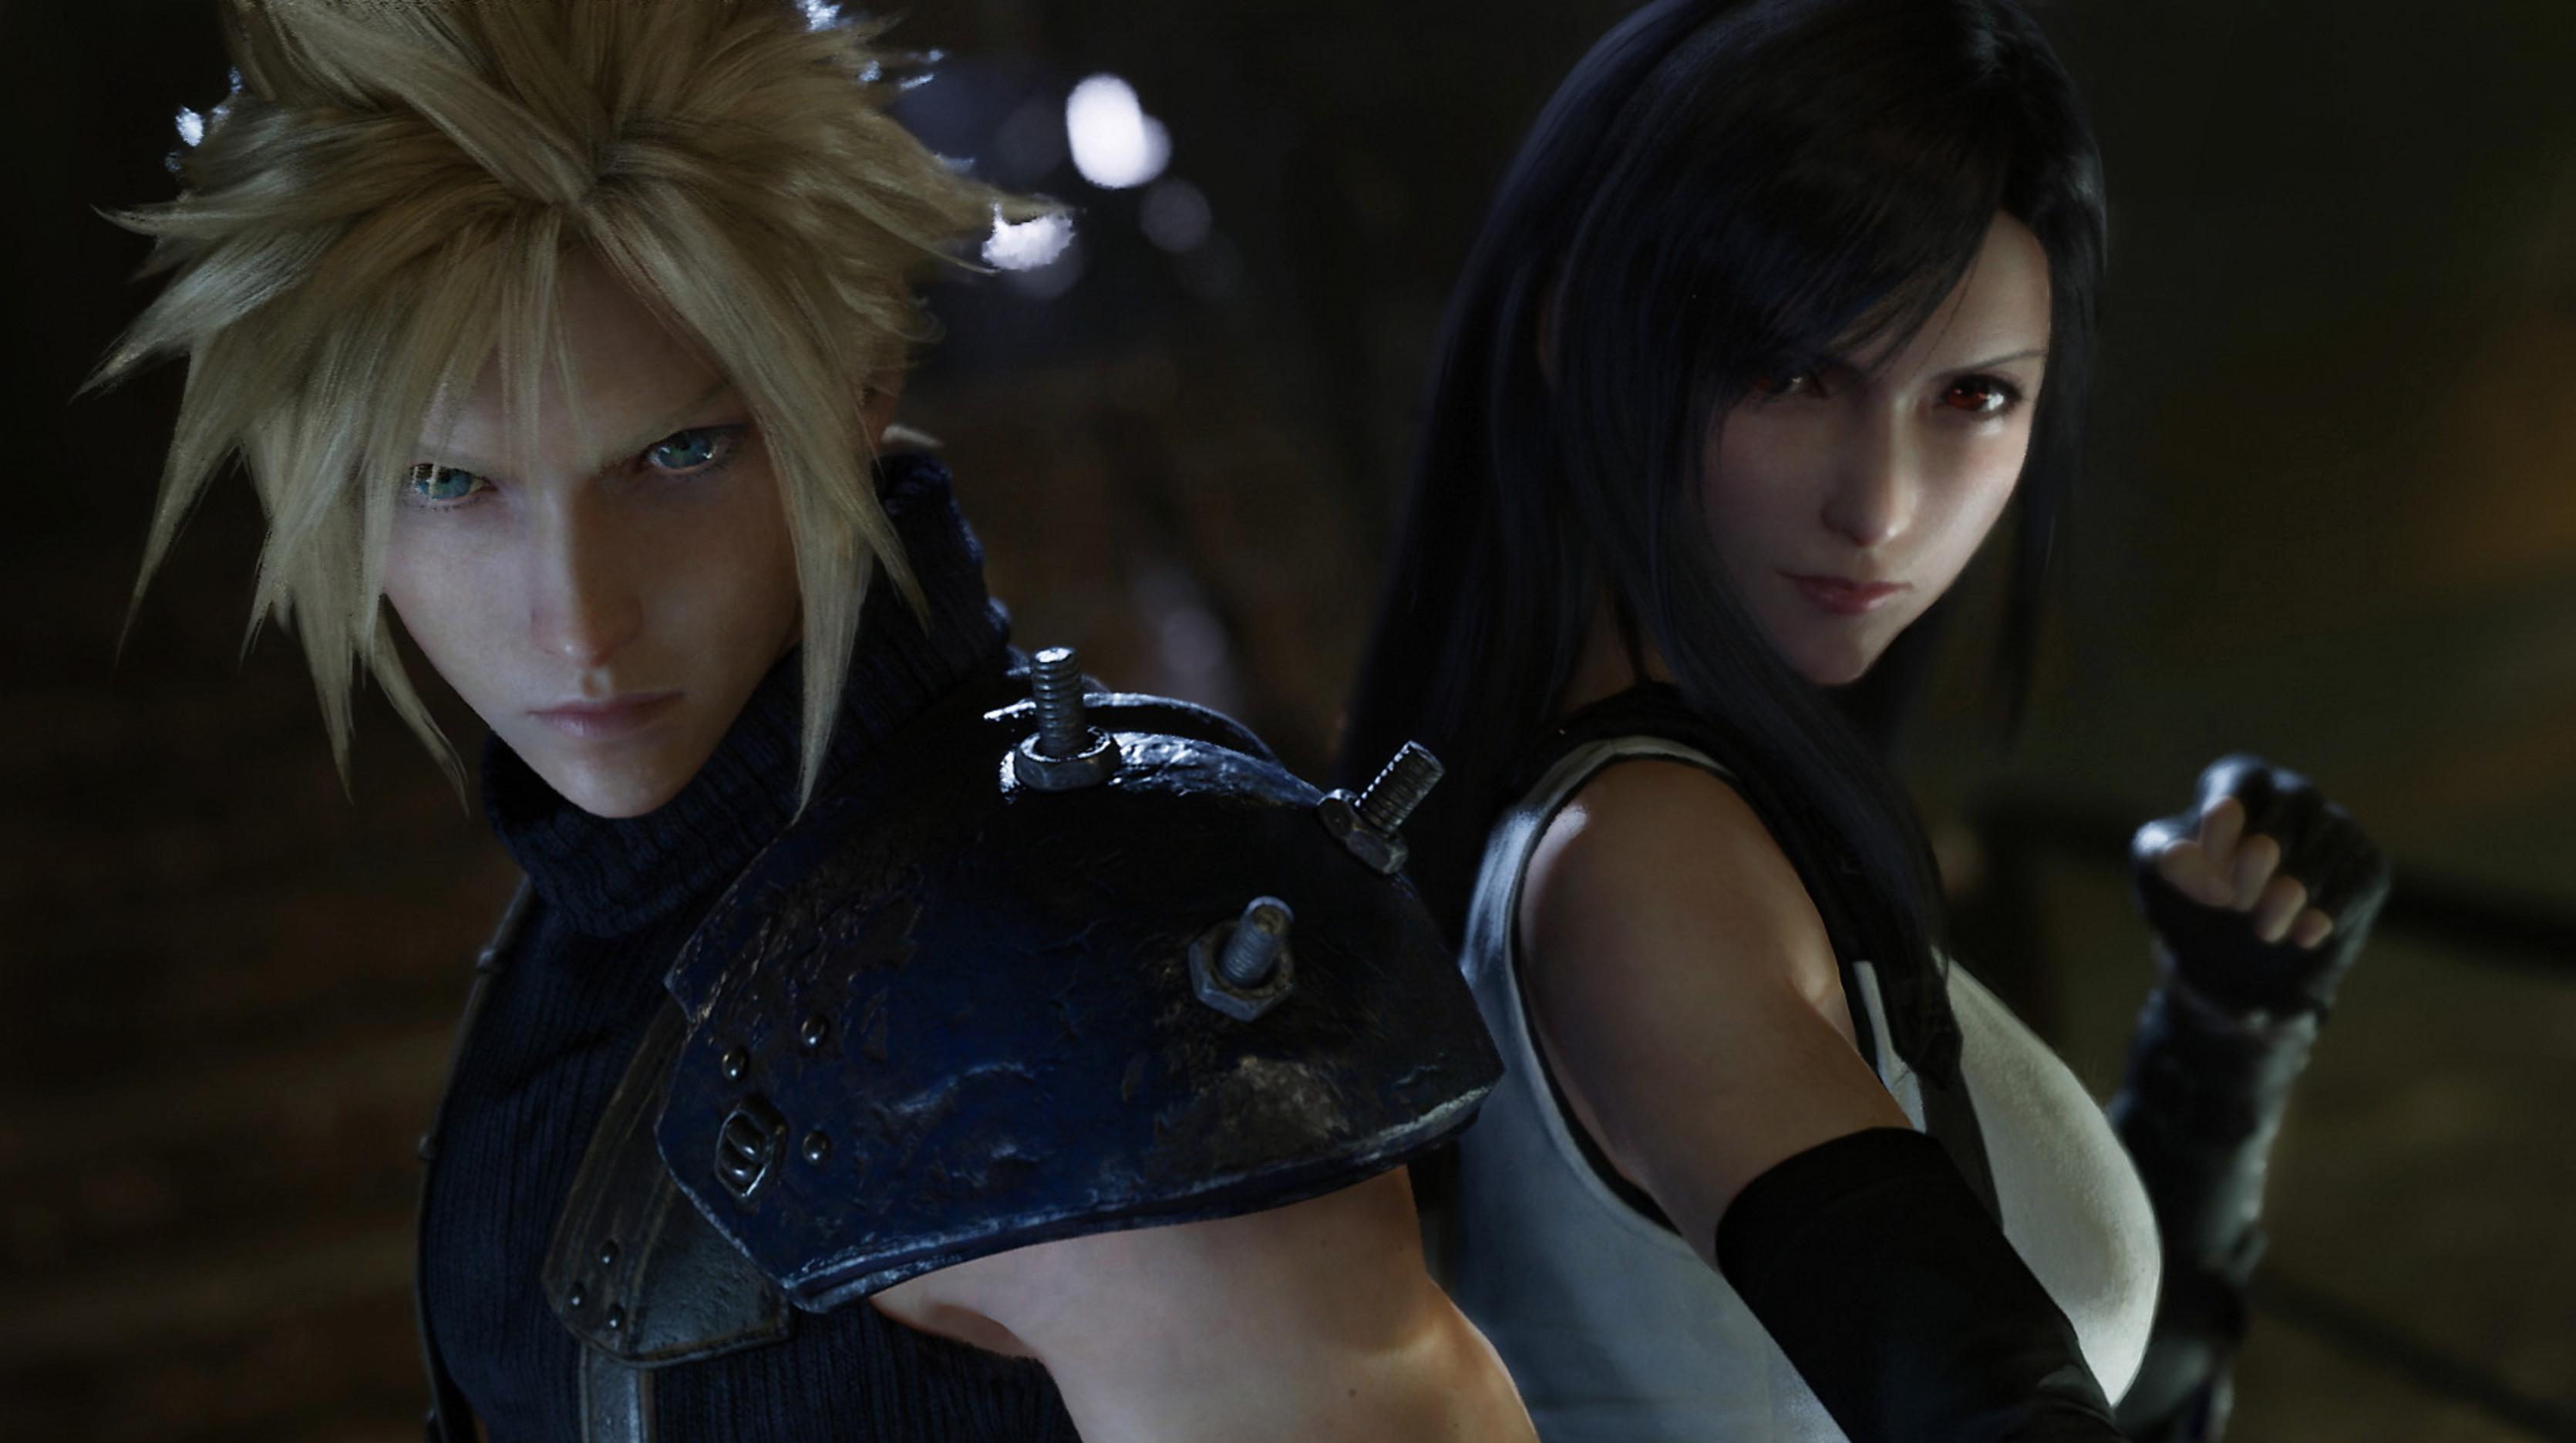 Final Fantasy 7 Remake - самая продаваемая игра апреля 2020 года; игра поставила рекорд франшизы